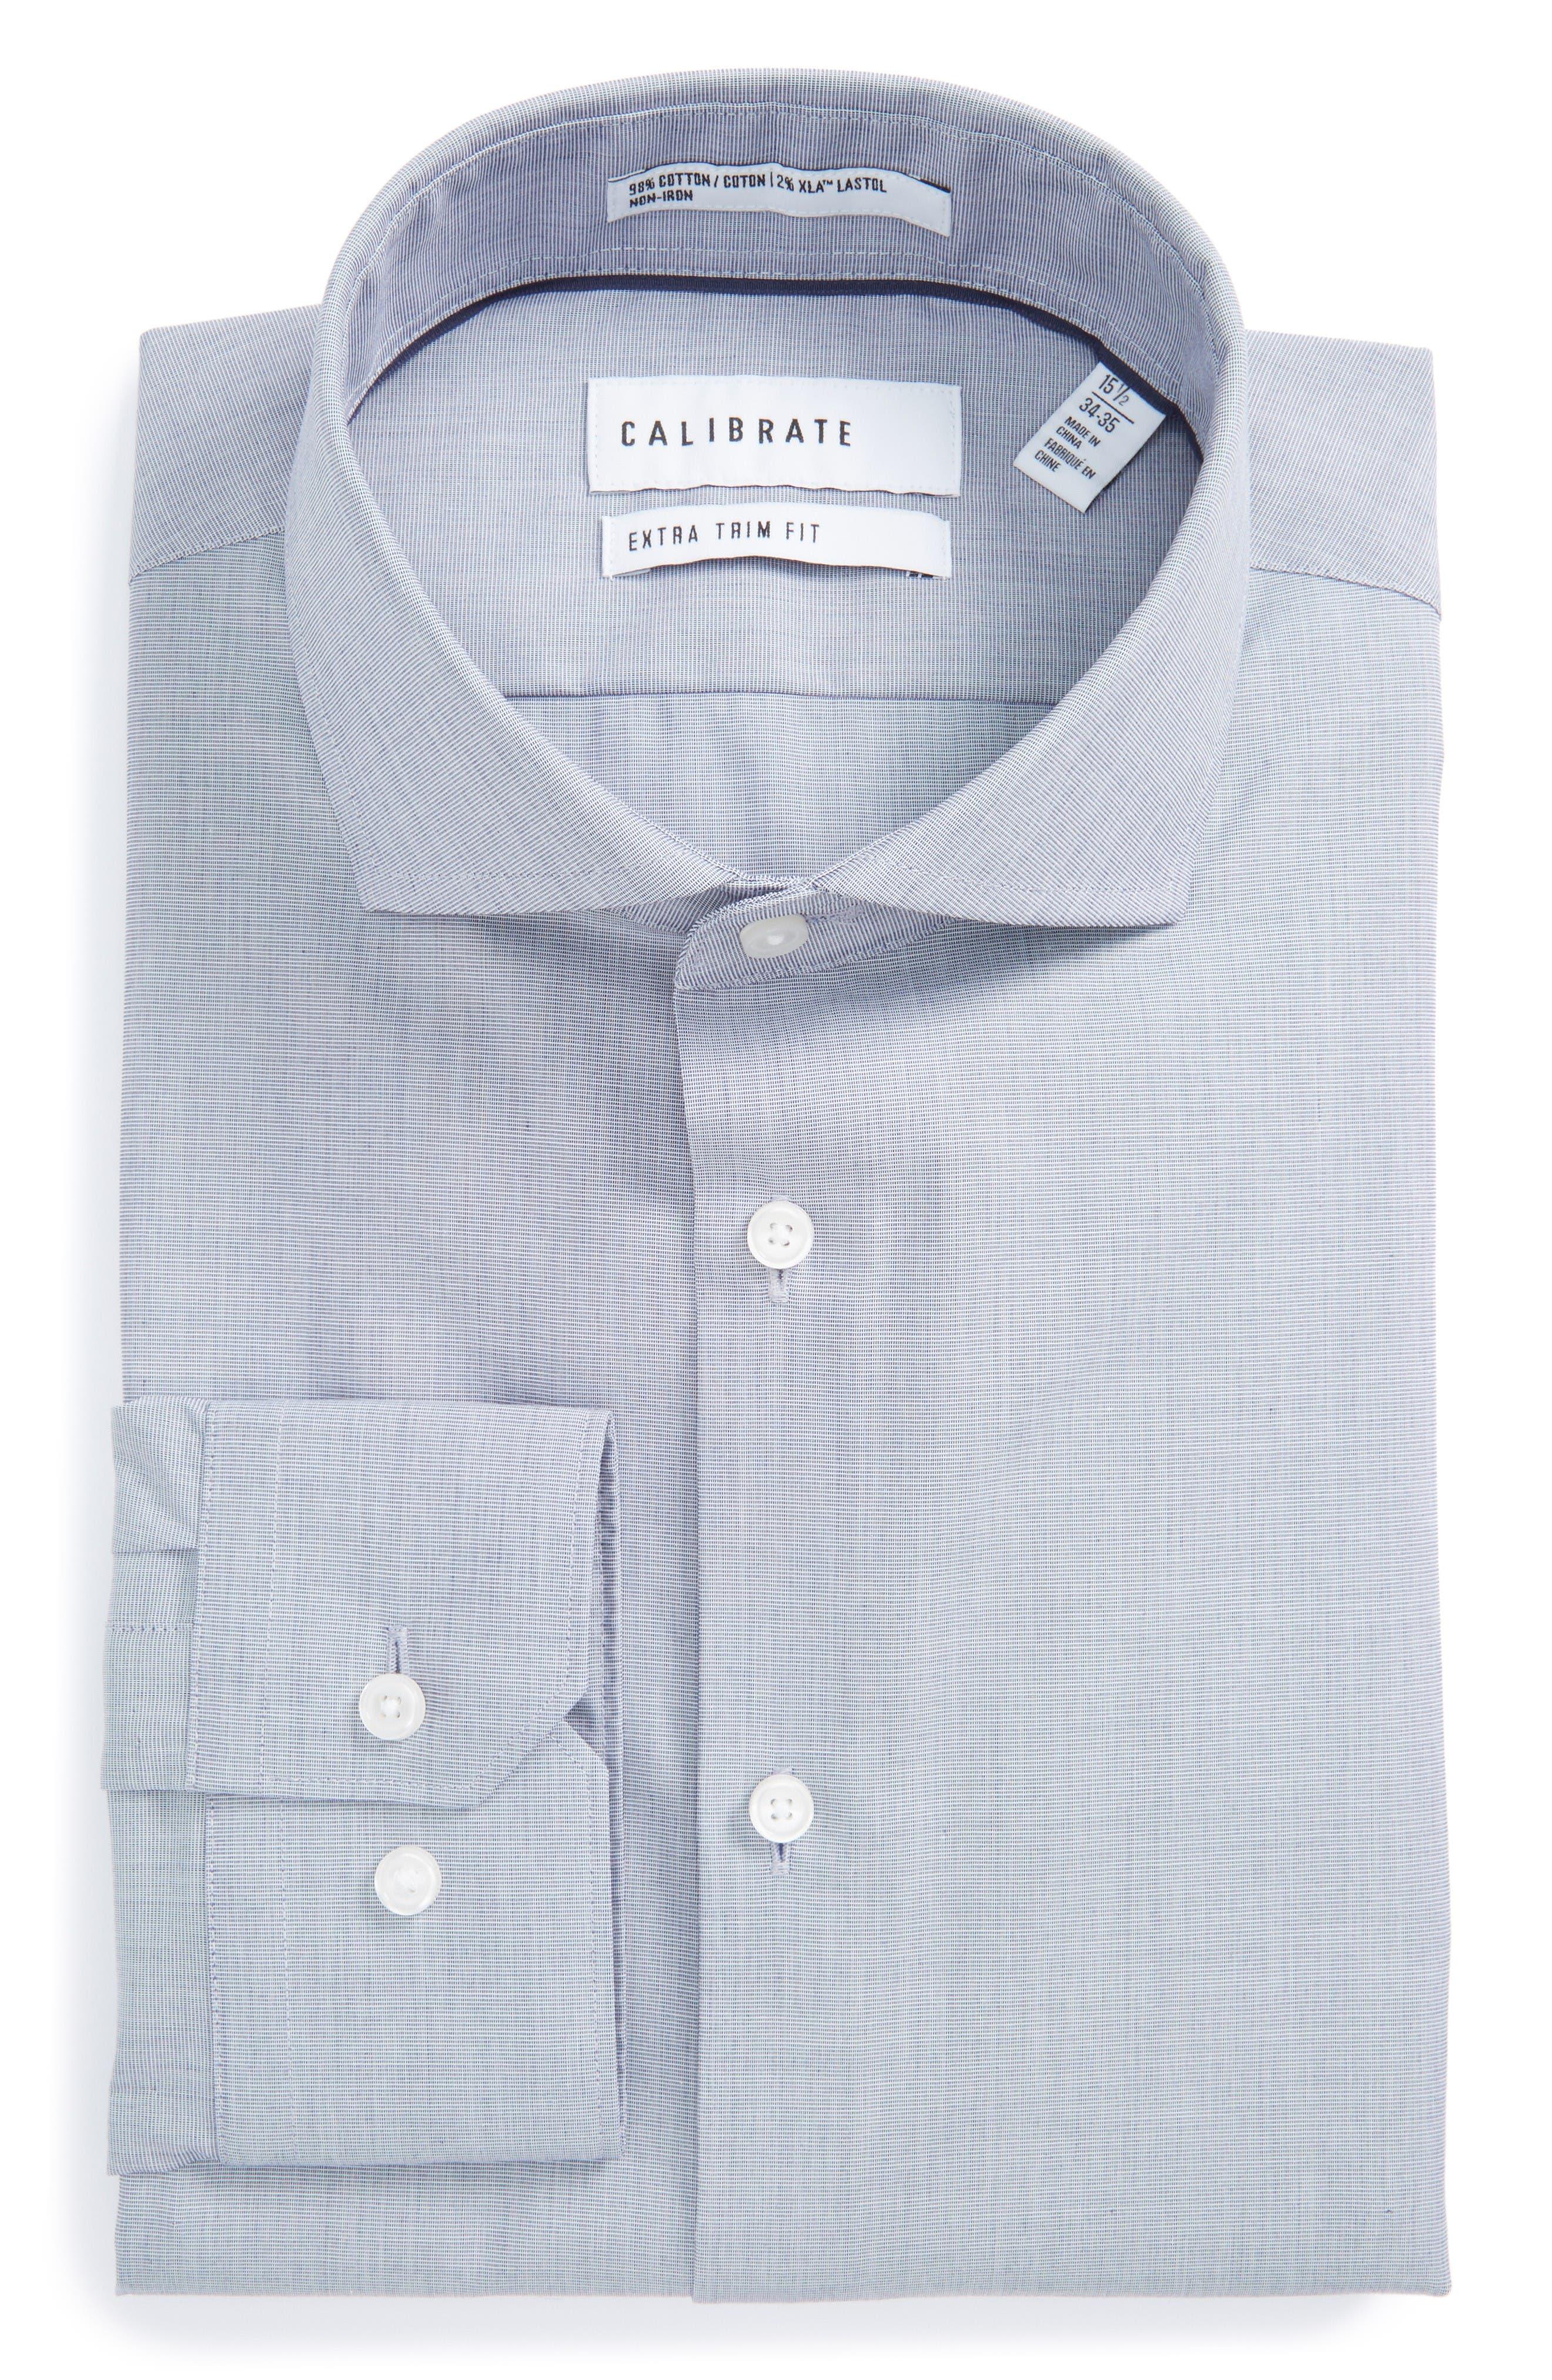 Main Image - Calibrate Extra Trim Fit Stretch No-Iron Dress Shirt